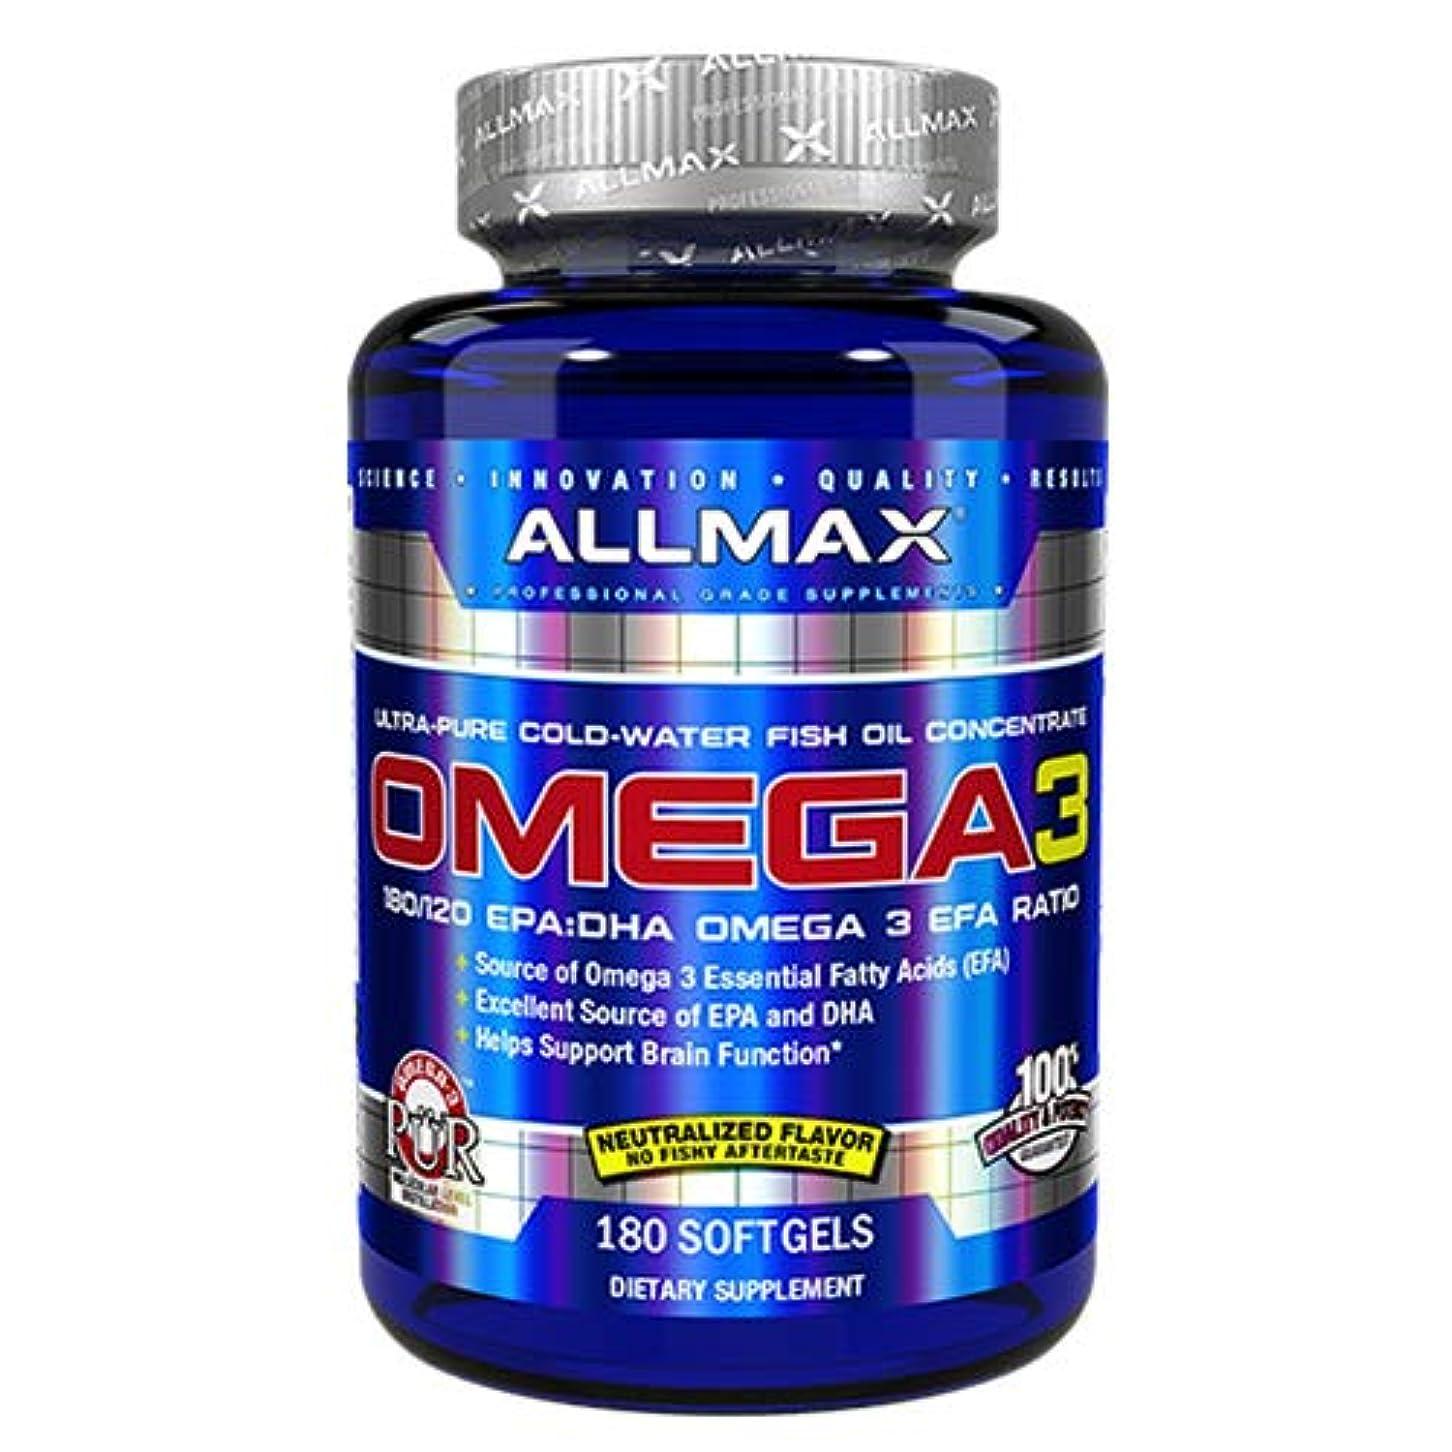 木曜日モンクまだらオメガ3 1000mg 180粒 Allmax Nutrition(オールマックスニュートリション)[海外直送品]